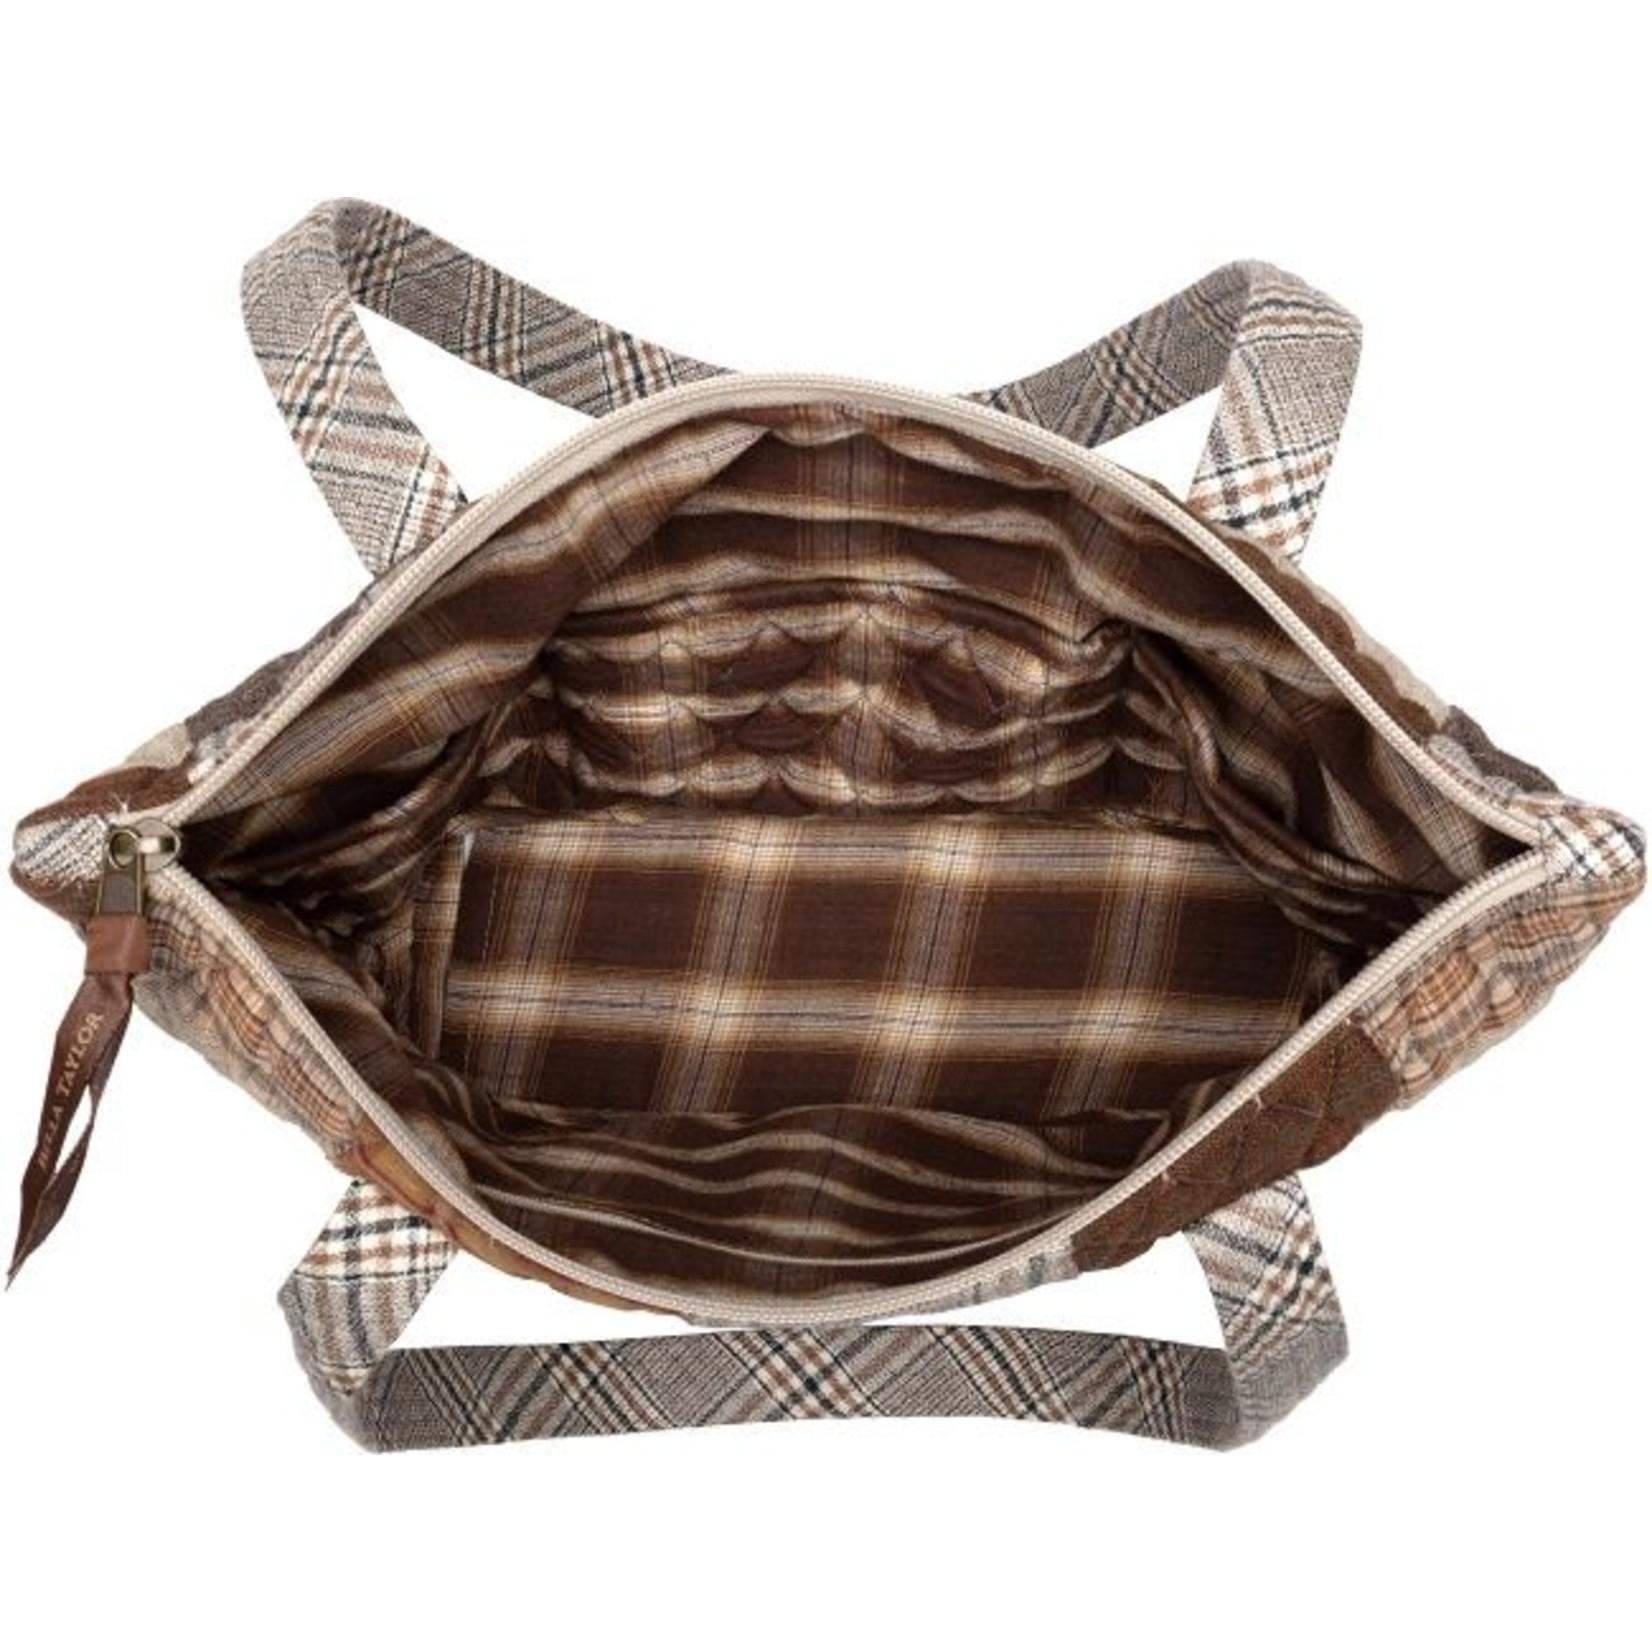 Bella Taylor Rory - Stride handbag